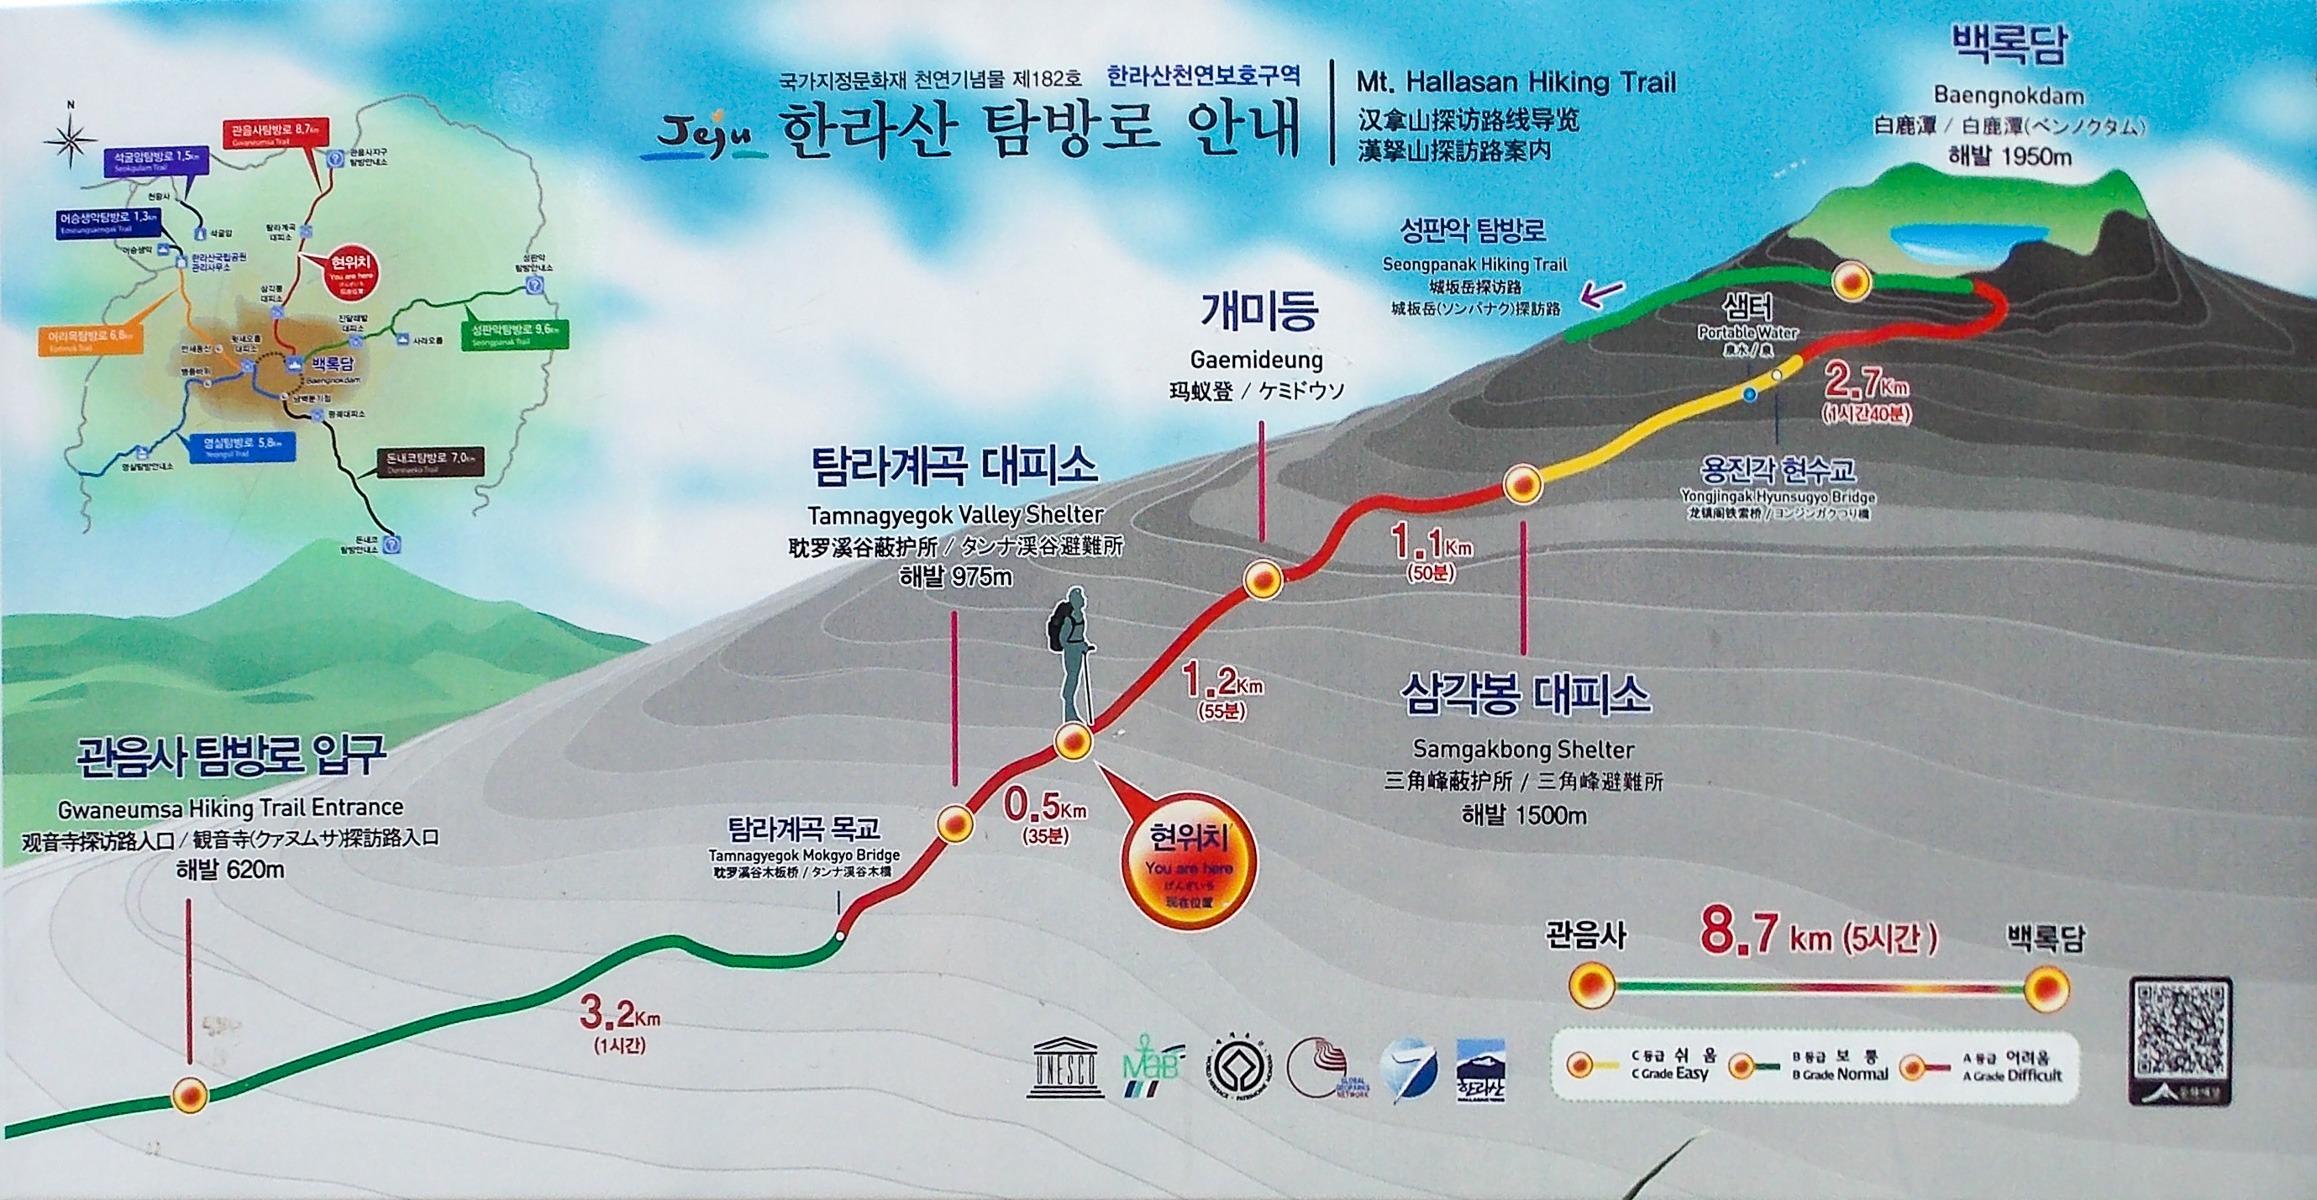 04-gwaneumsa-hiking-trial